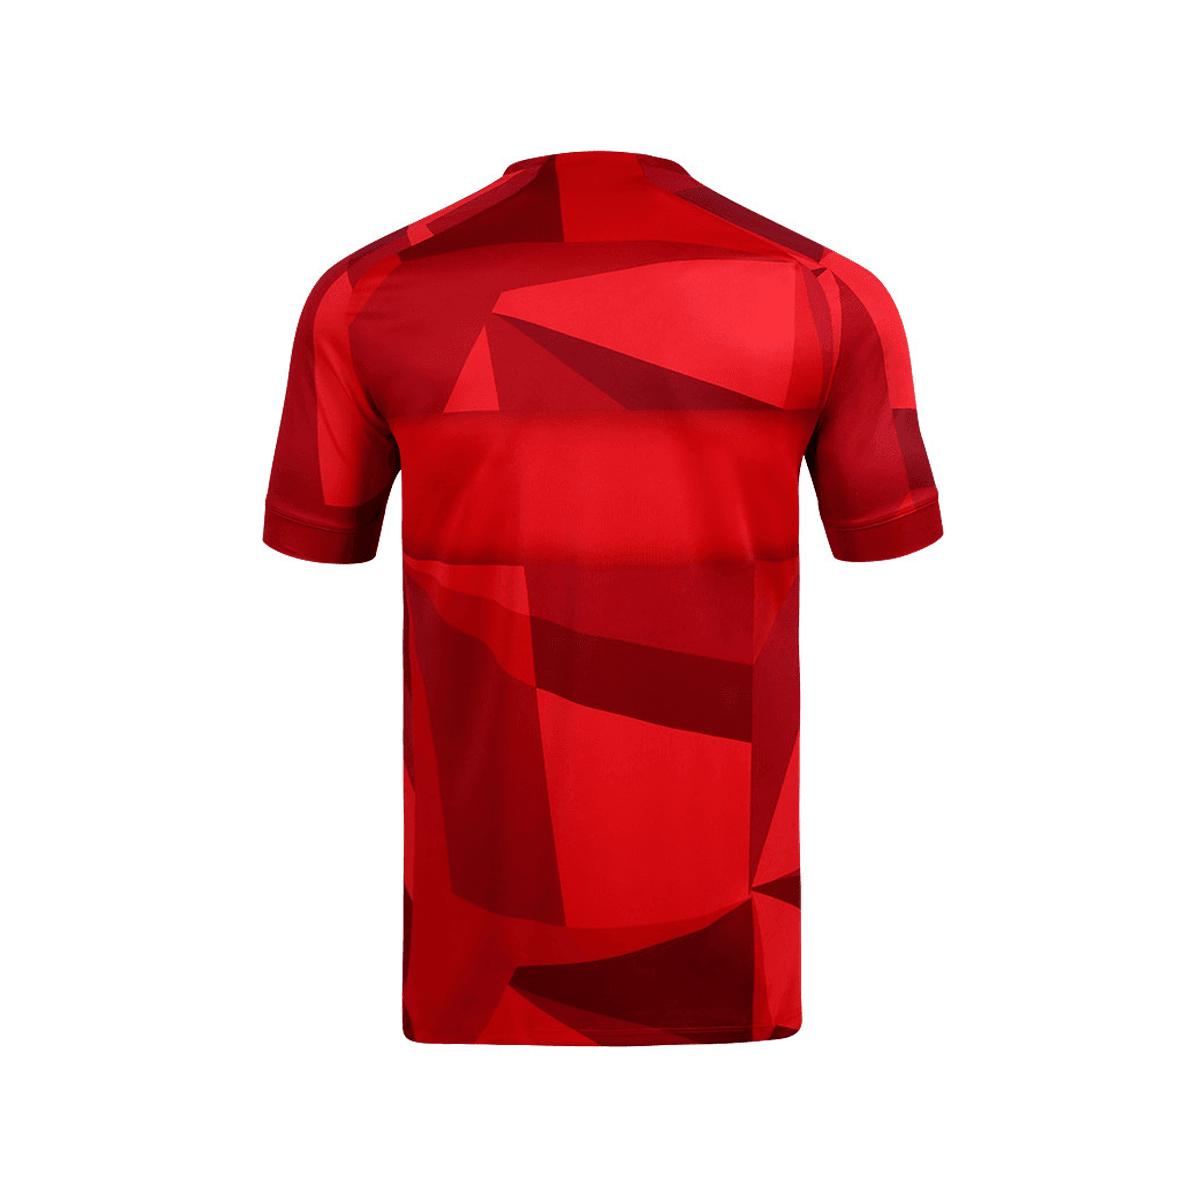 Jako VfB Stuttgart Kinder Auswärts Trikot 201920 rotdunkelrot